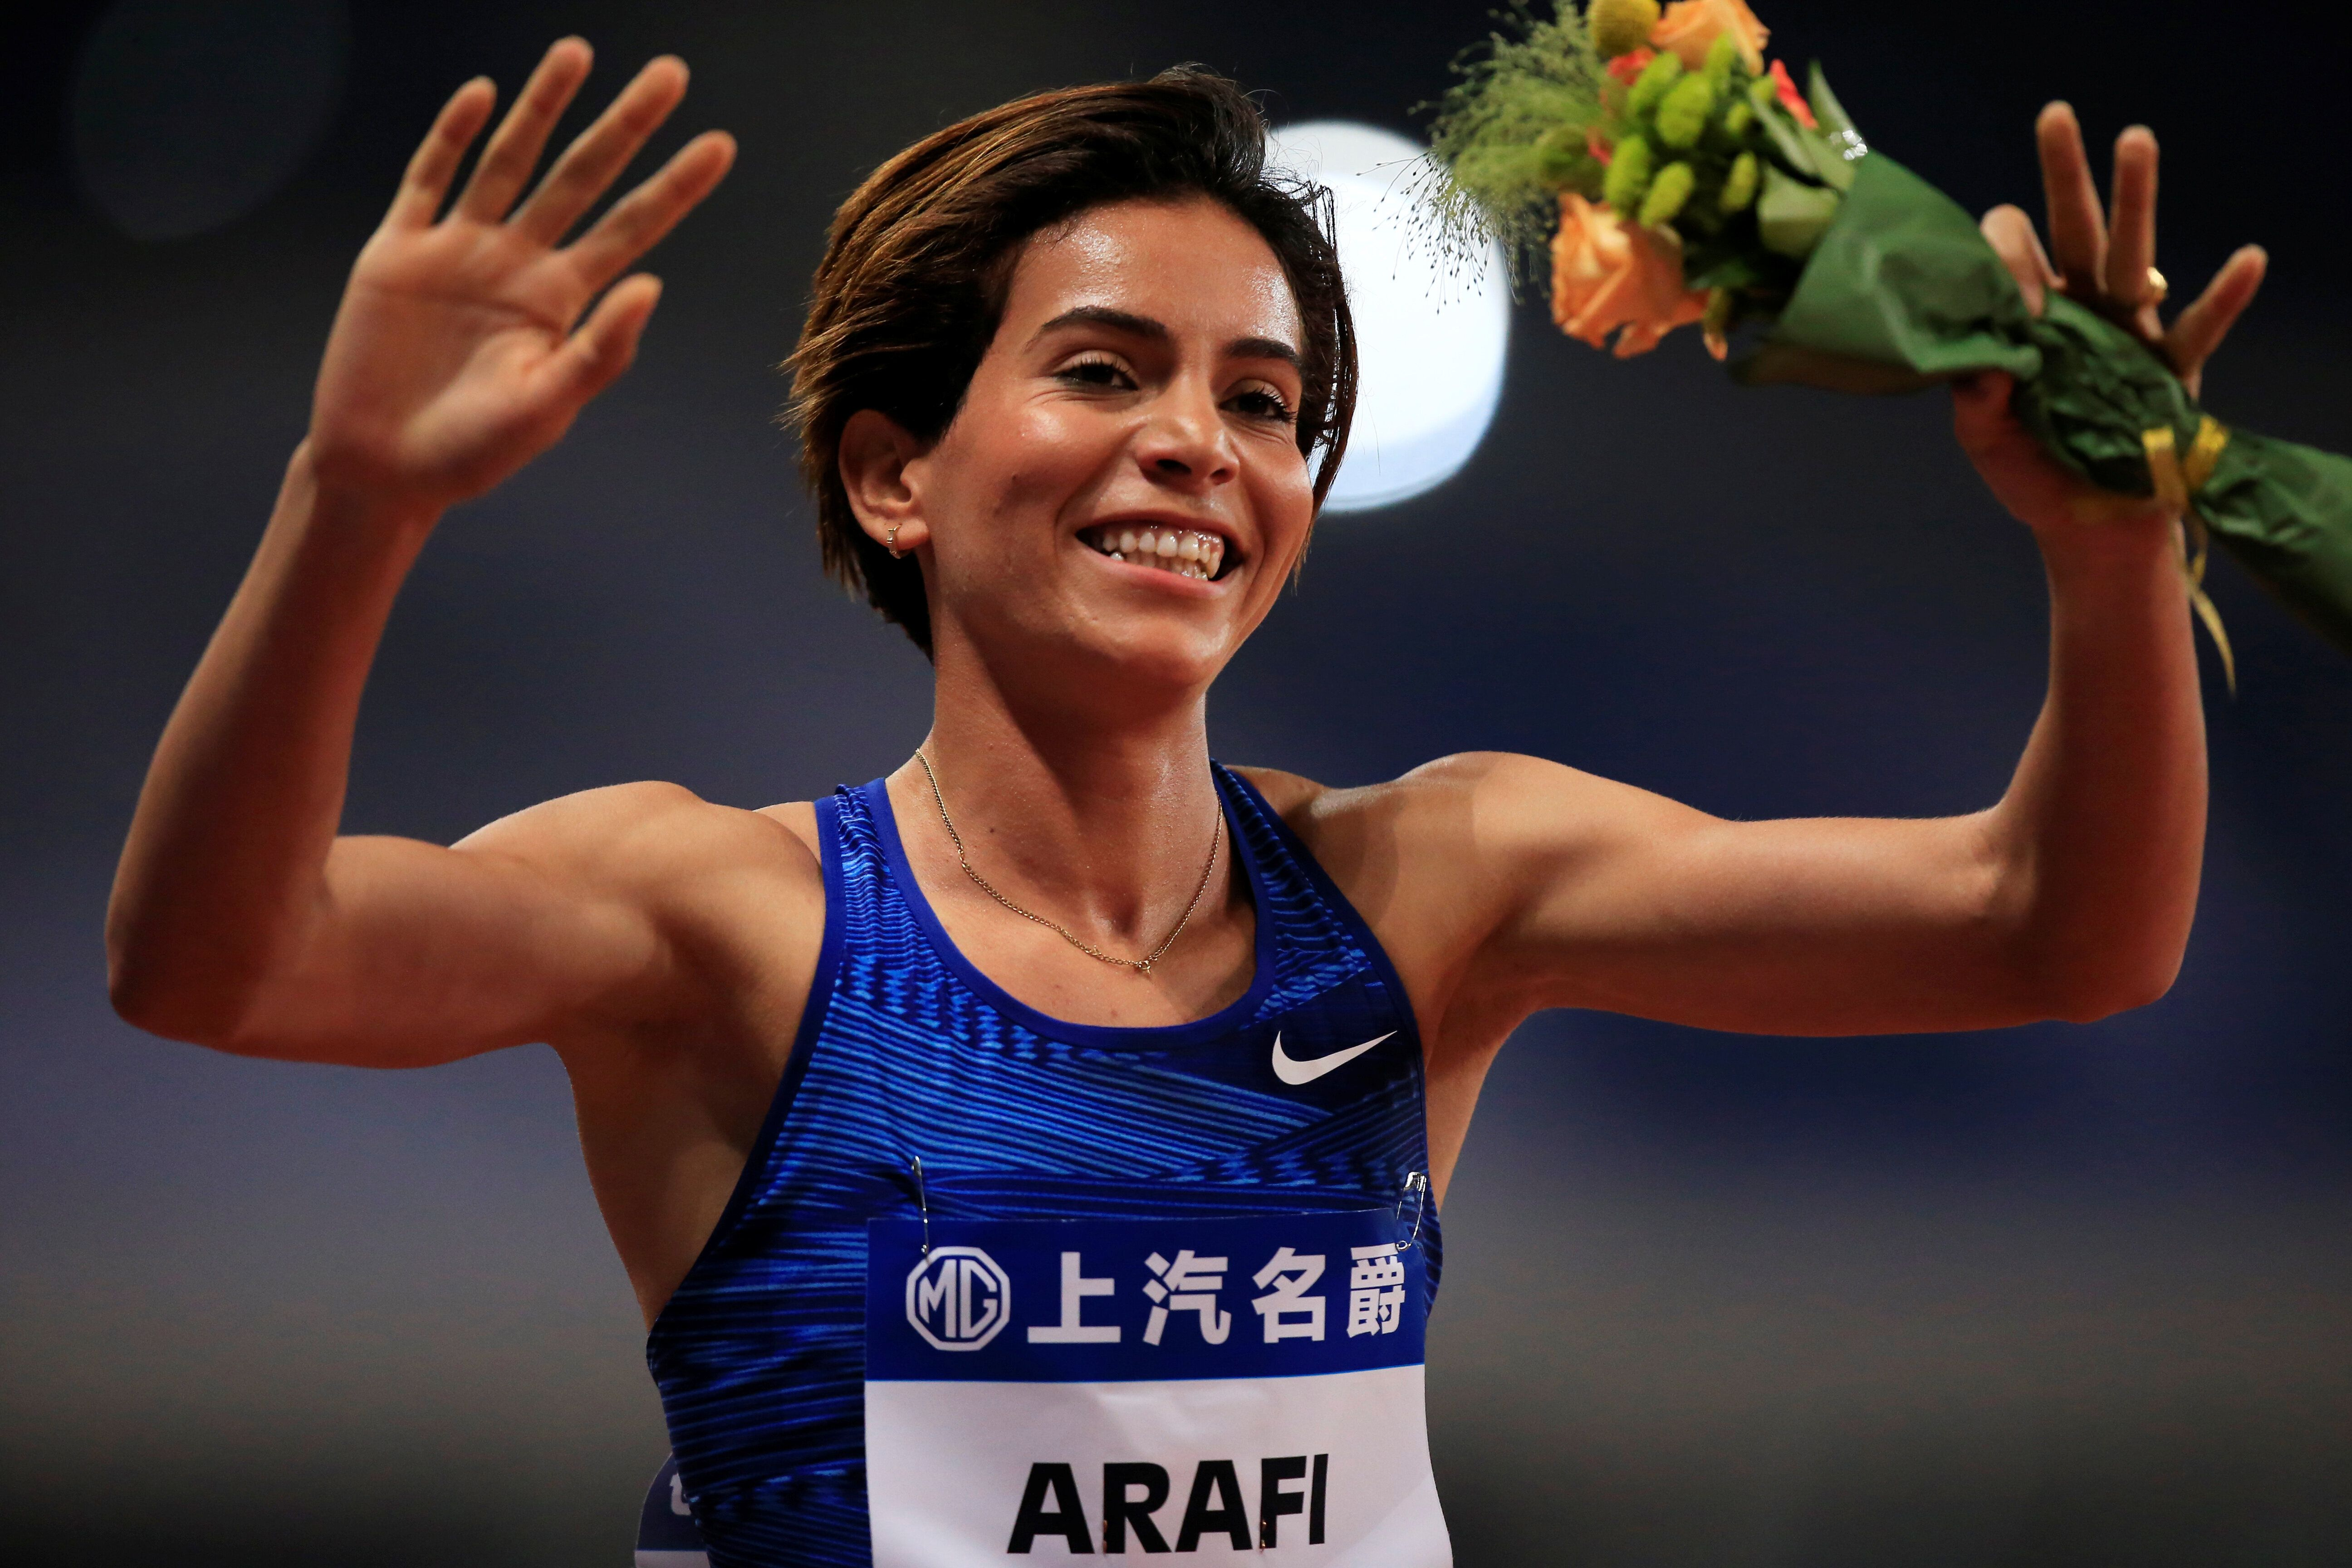 À Shanghaï, Rababe Arafi signe la meilleure performance mondiale de l'année sur 1500 m